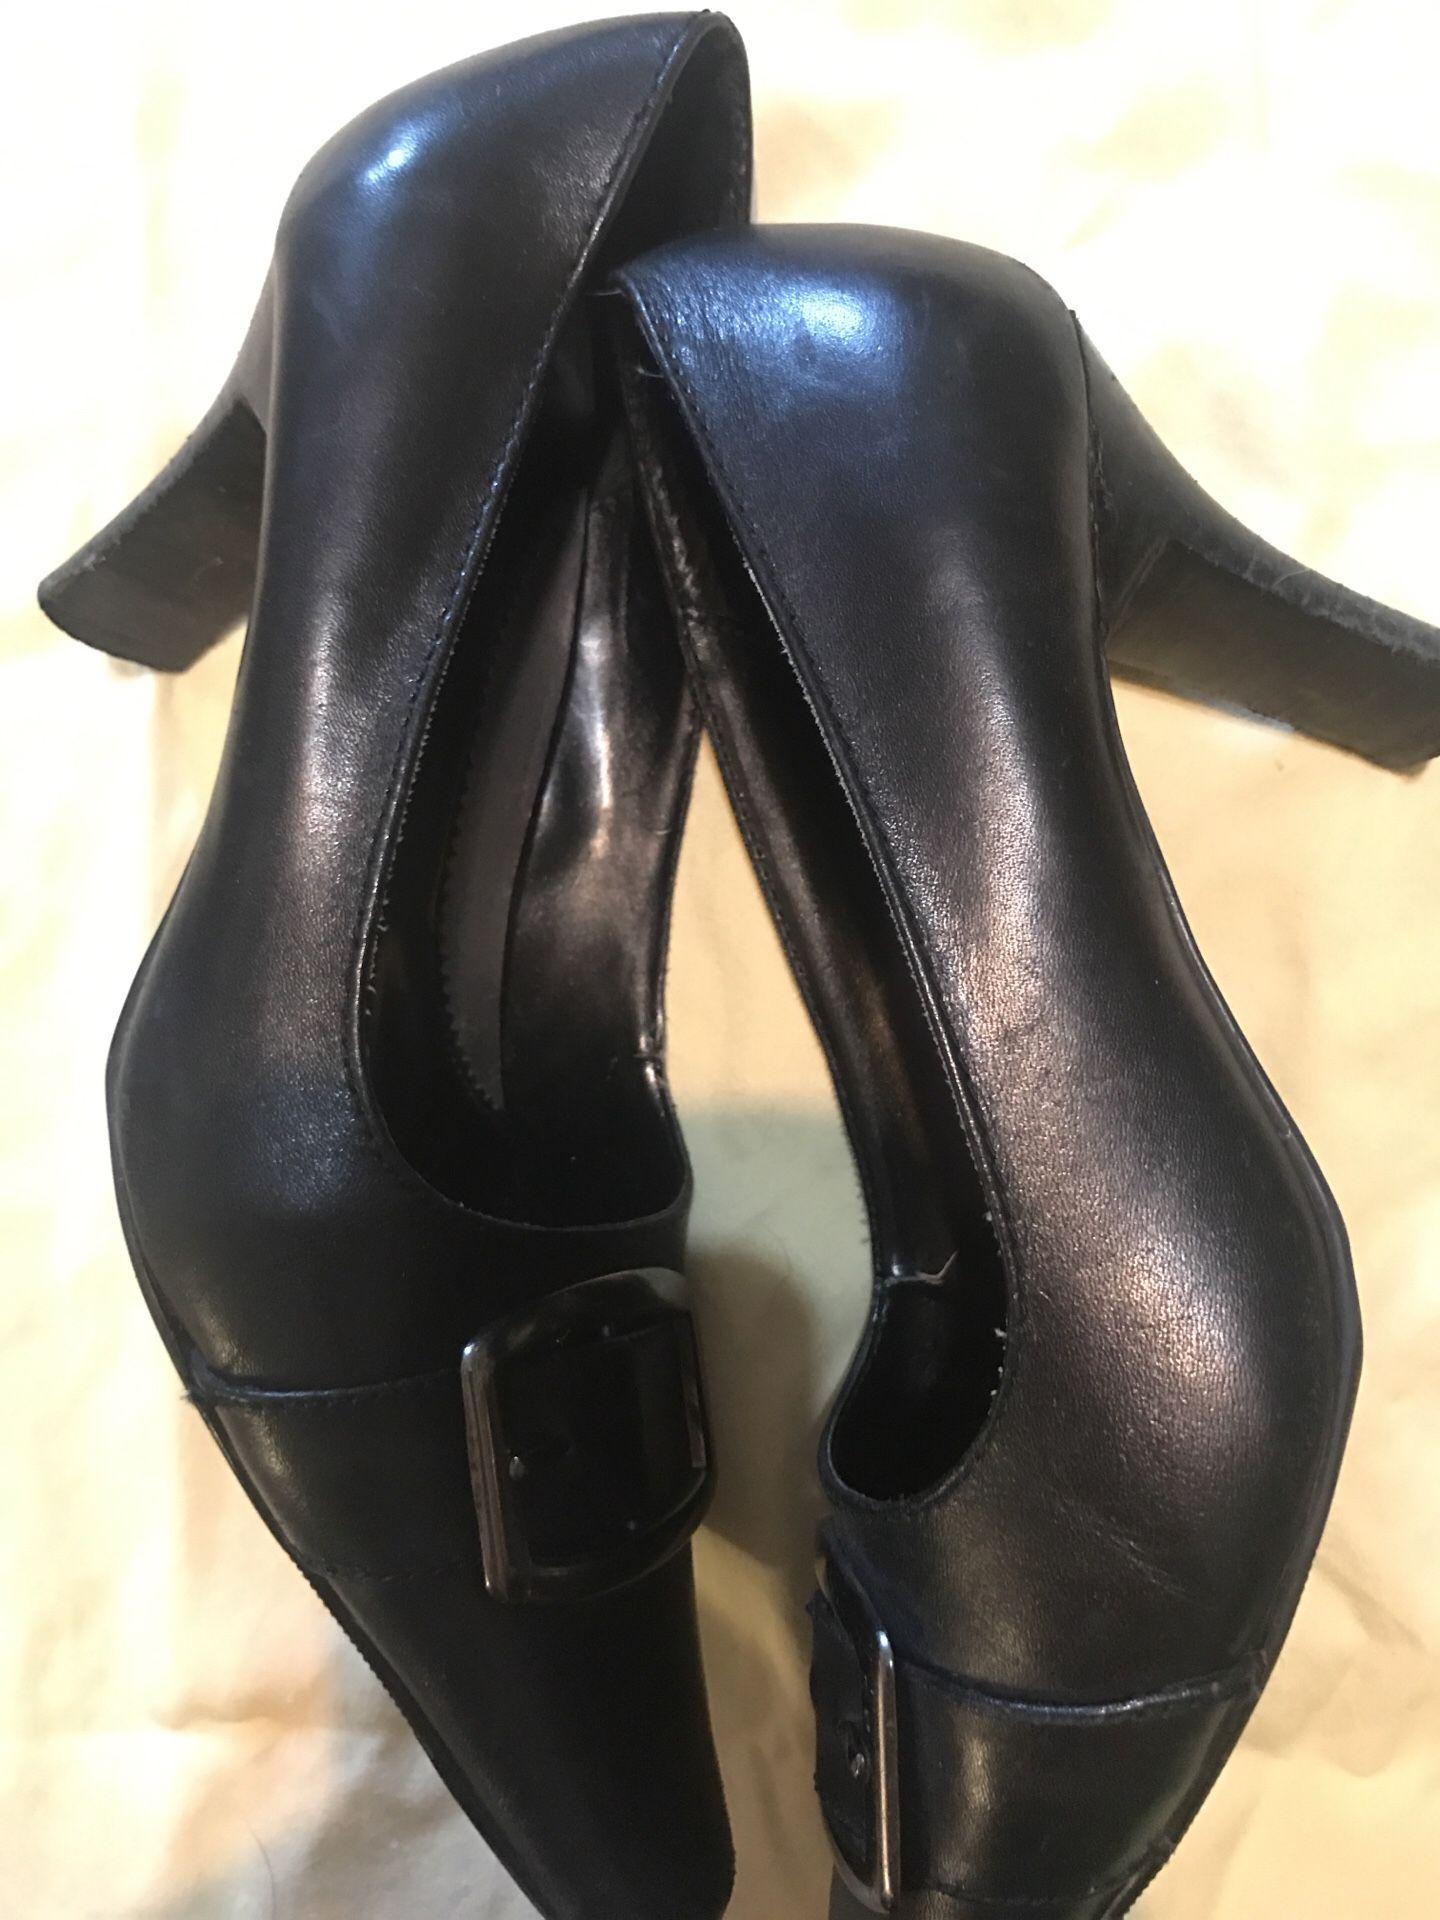 Casual Black Heels - women's size 7-8